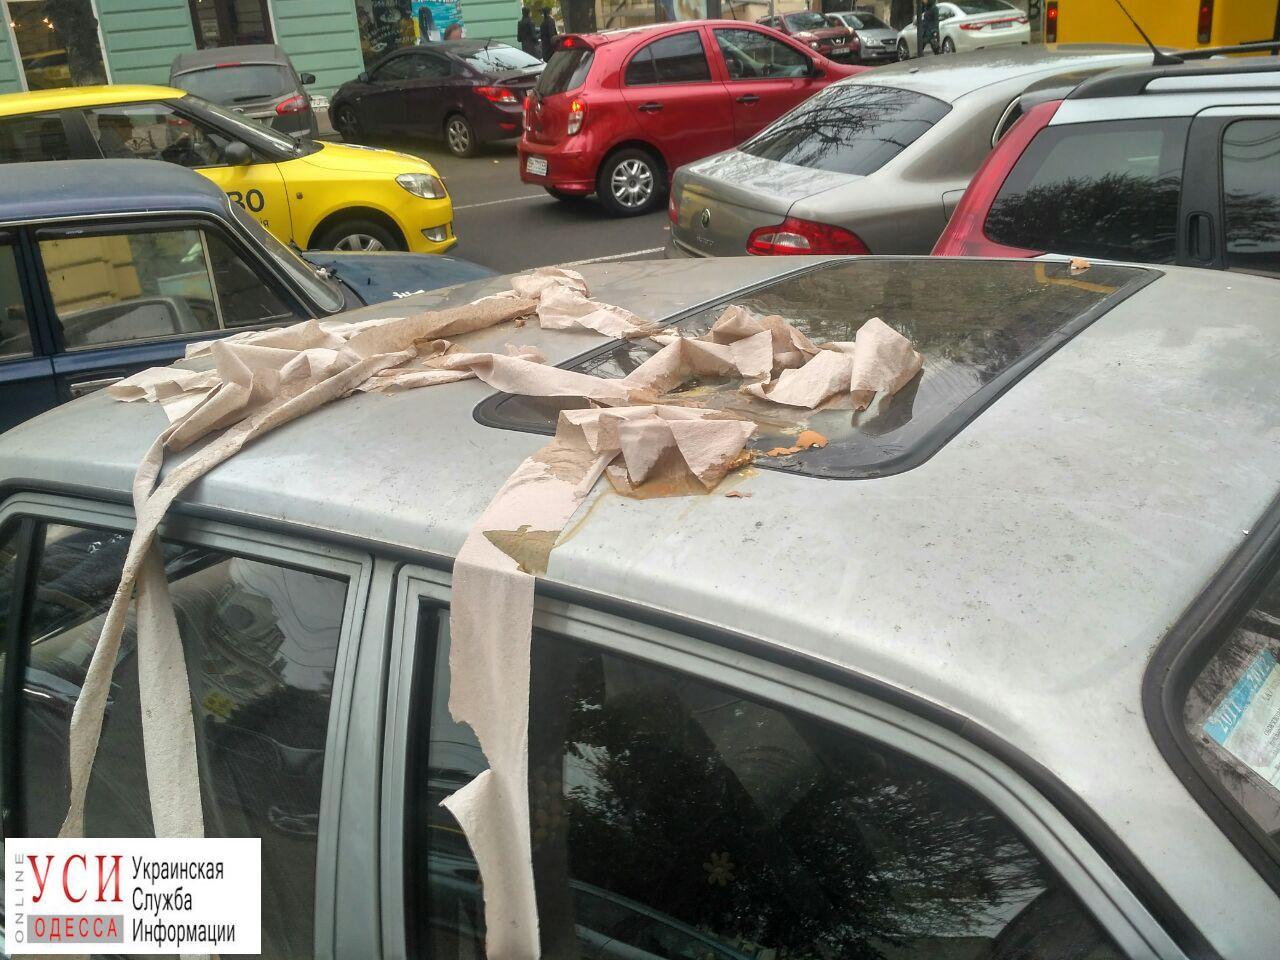 photo5190617627217733869 В Одессе неправильно припаркованный автомобиль забросали туалетной бумагой и яйцами